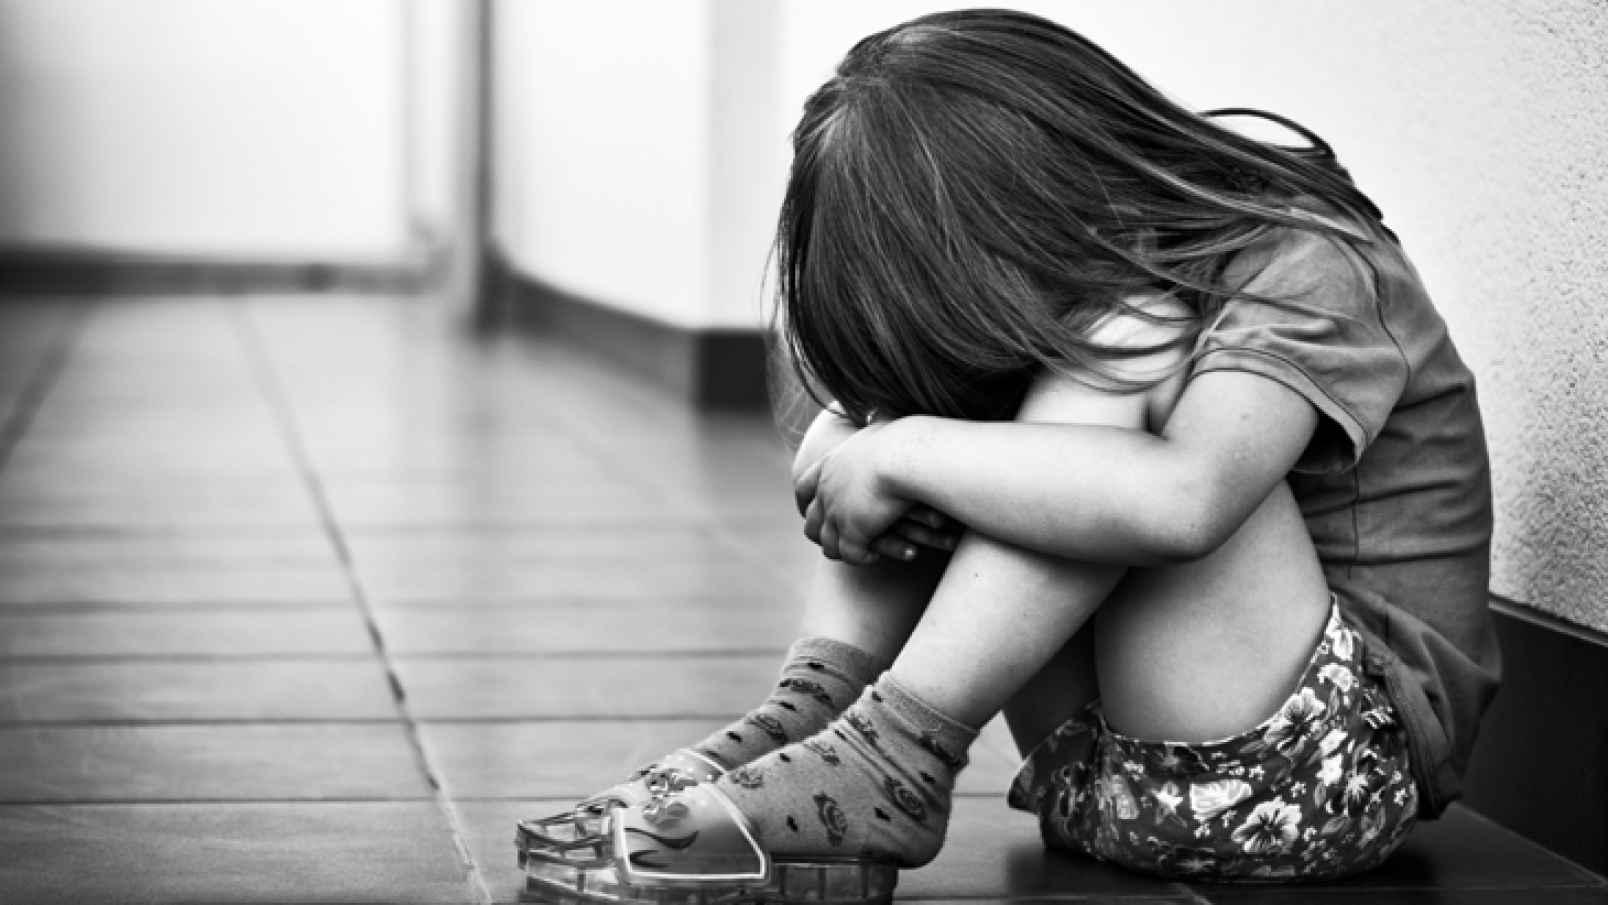 revenue-collection-vs-child-rape